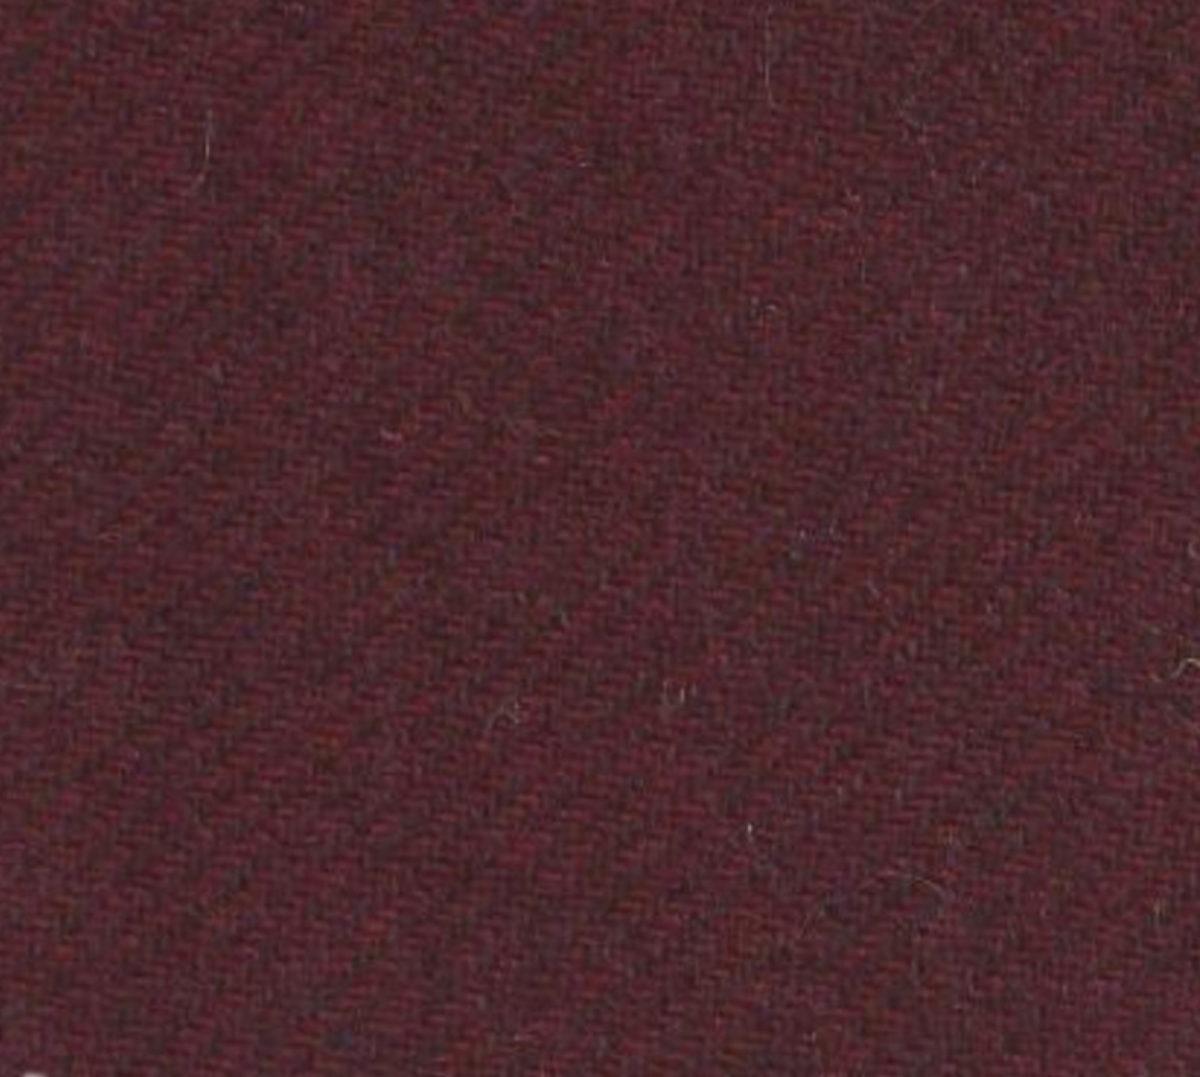 Claret Breanish Tweed